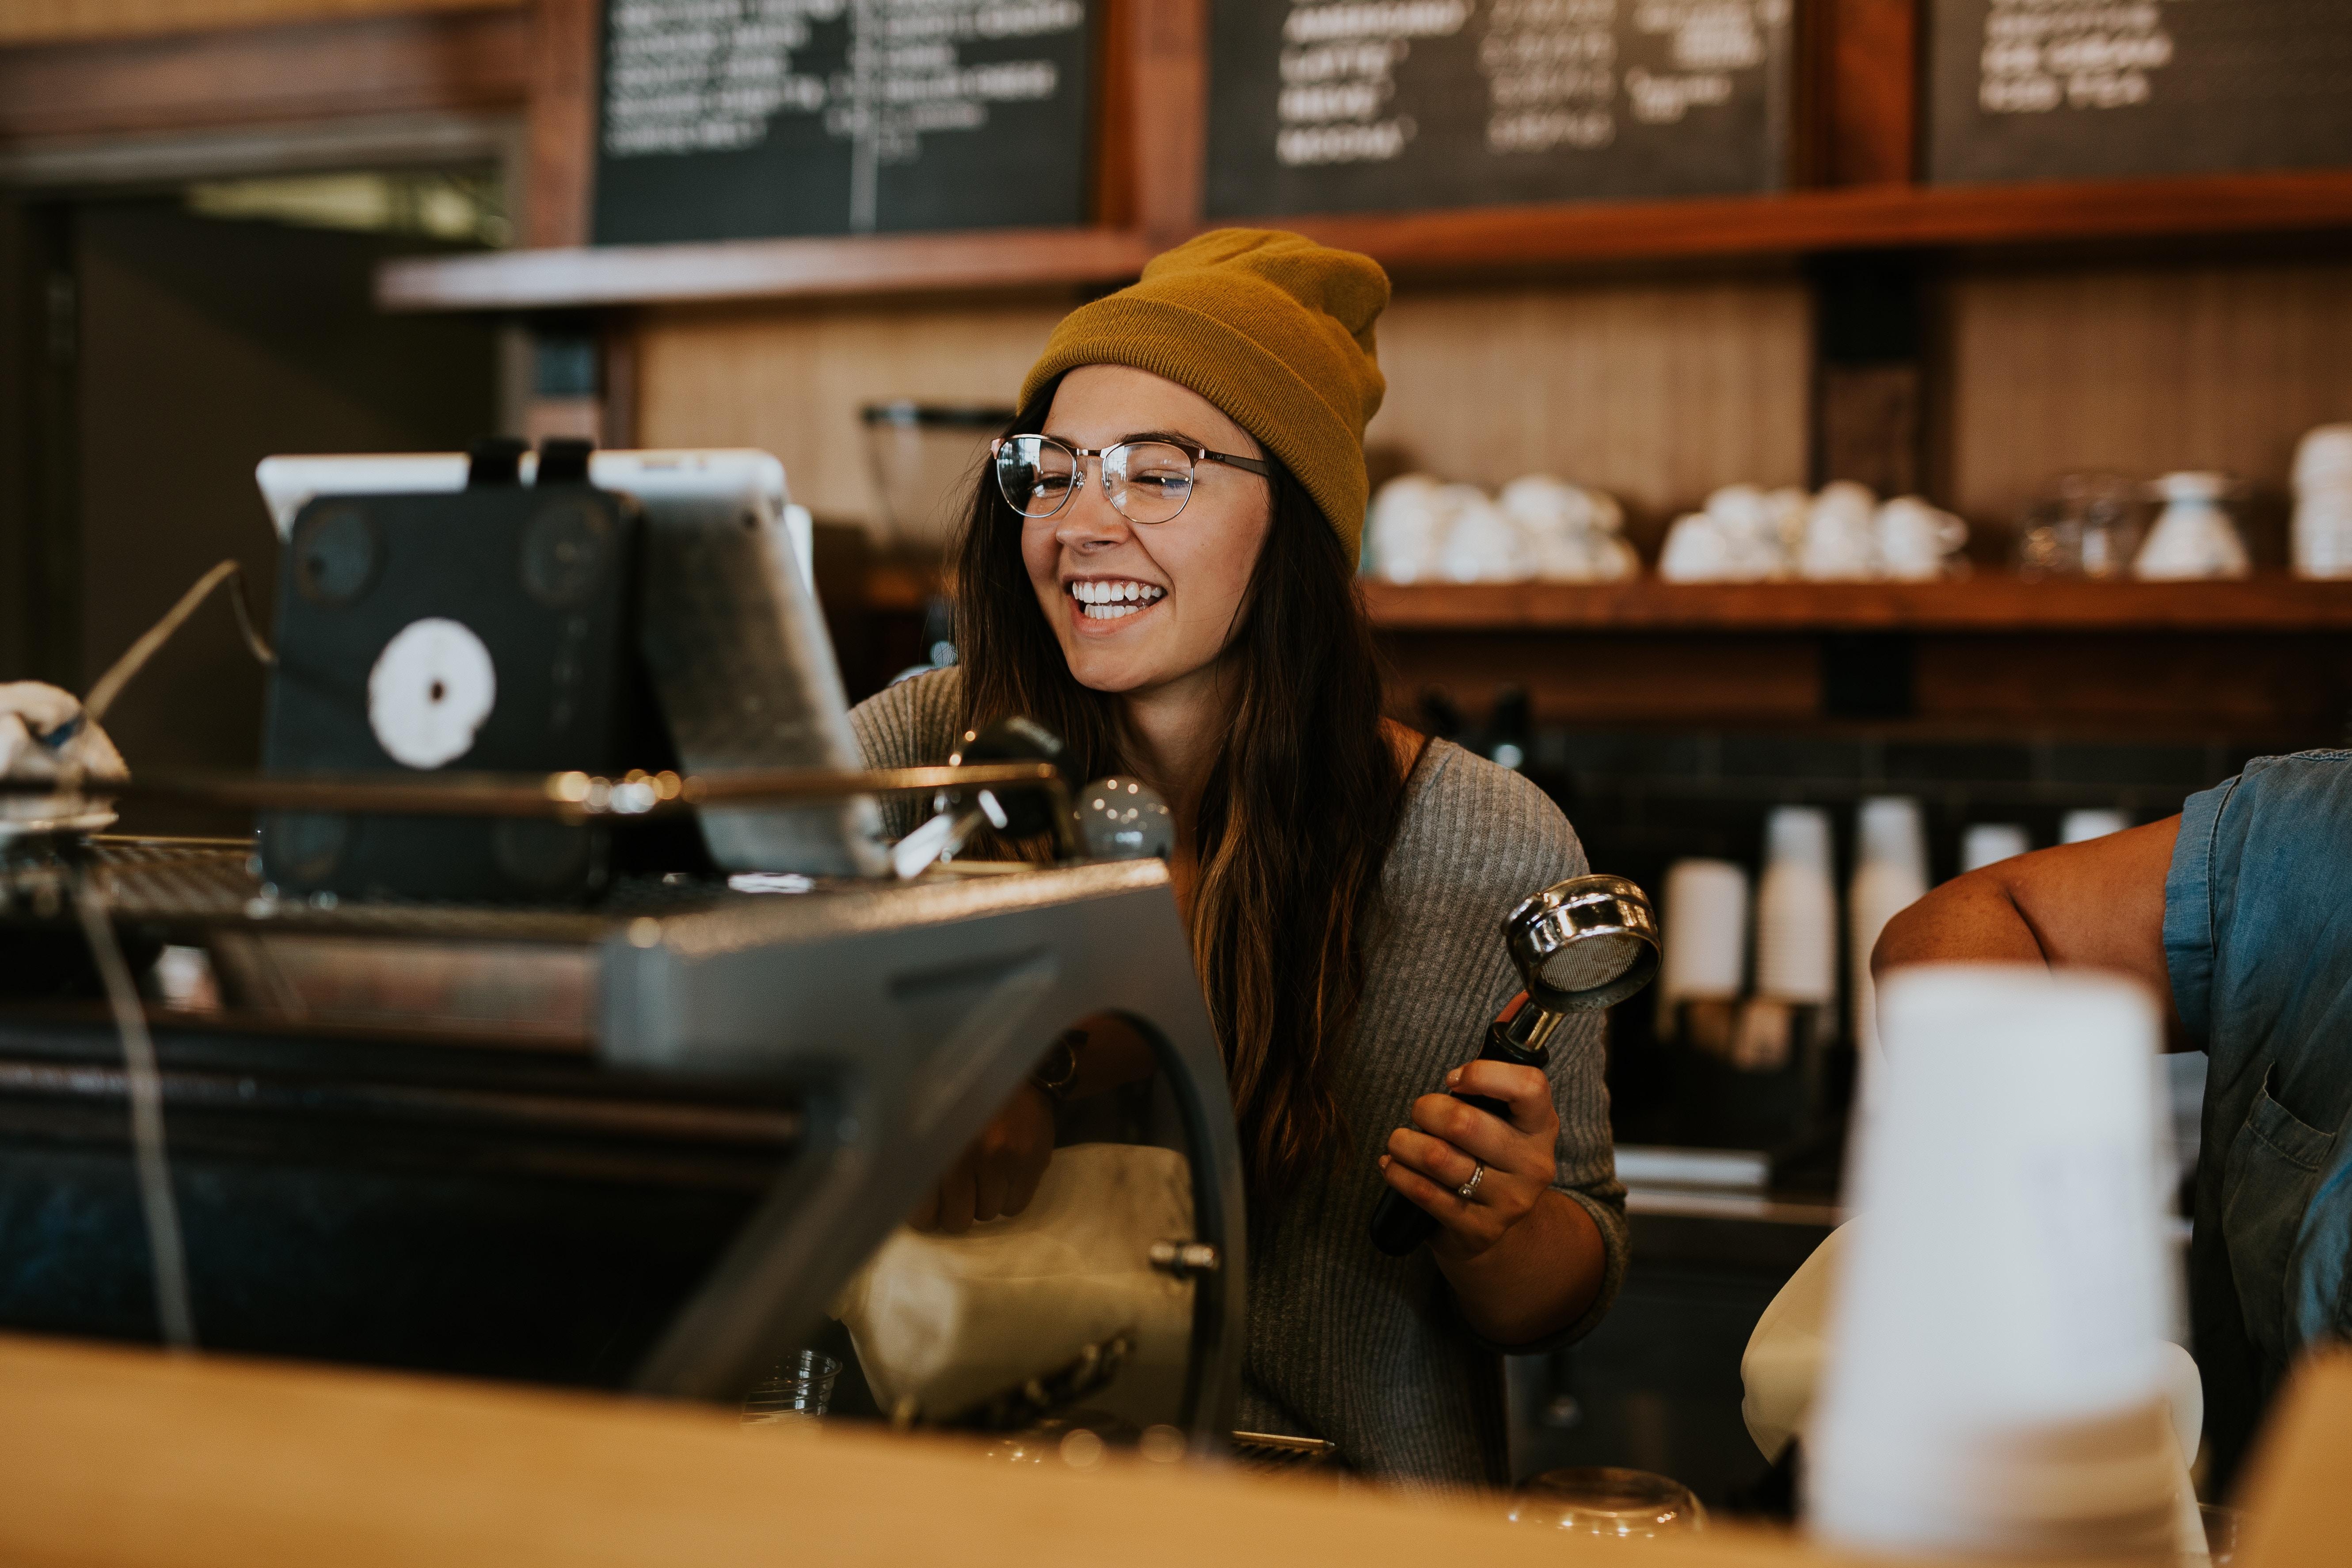 Onko unelmatyösi kahvilassa?